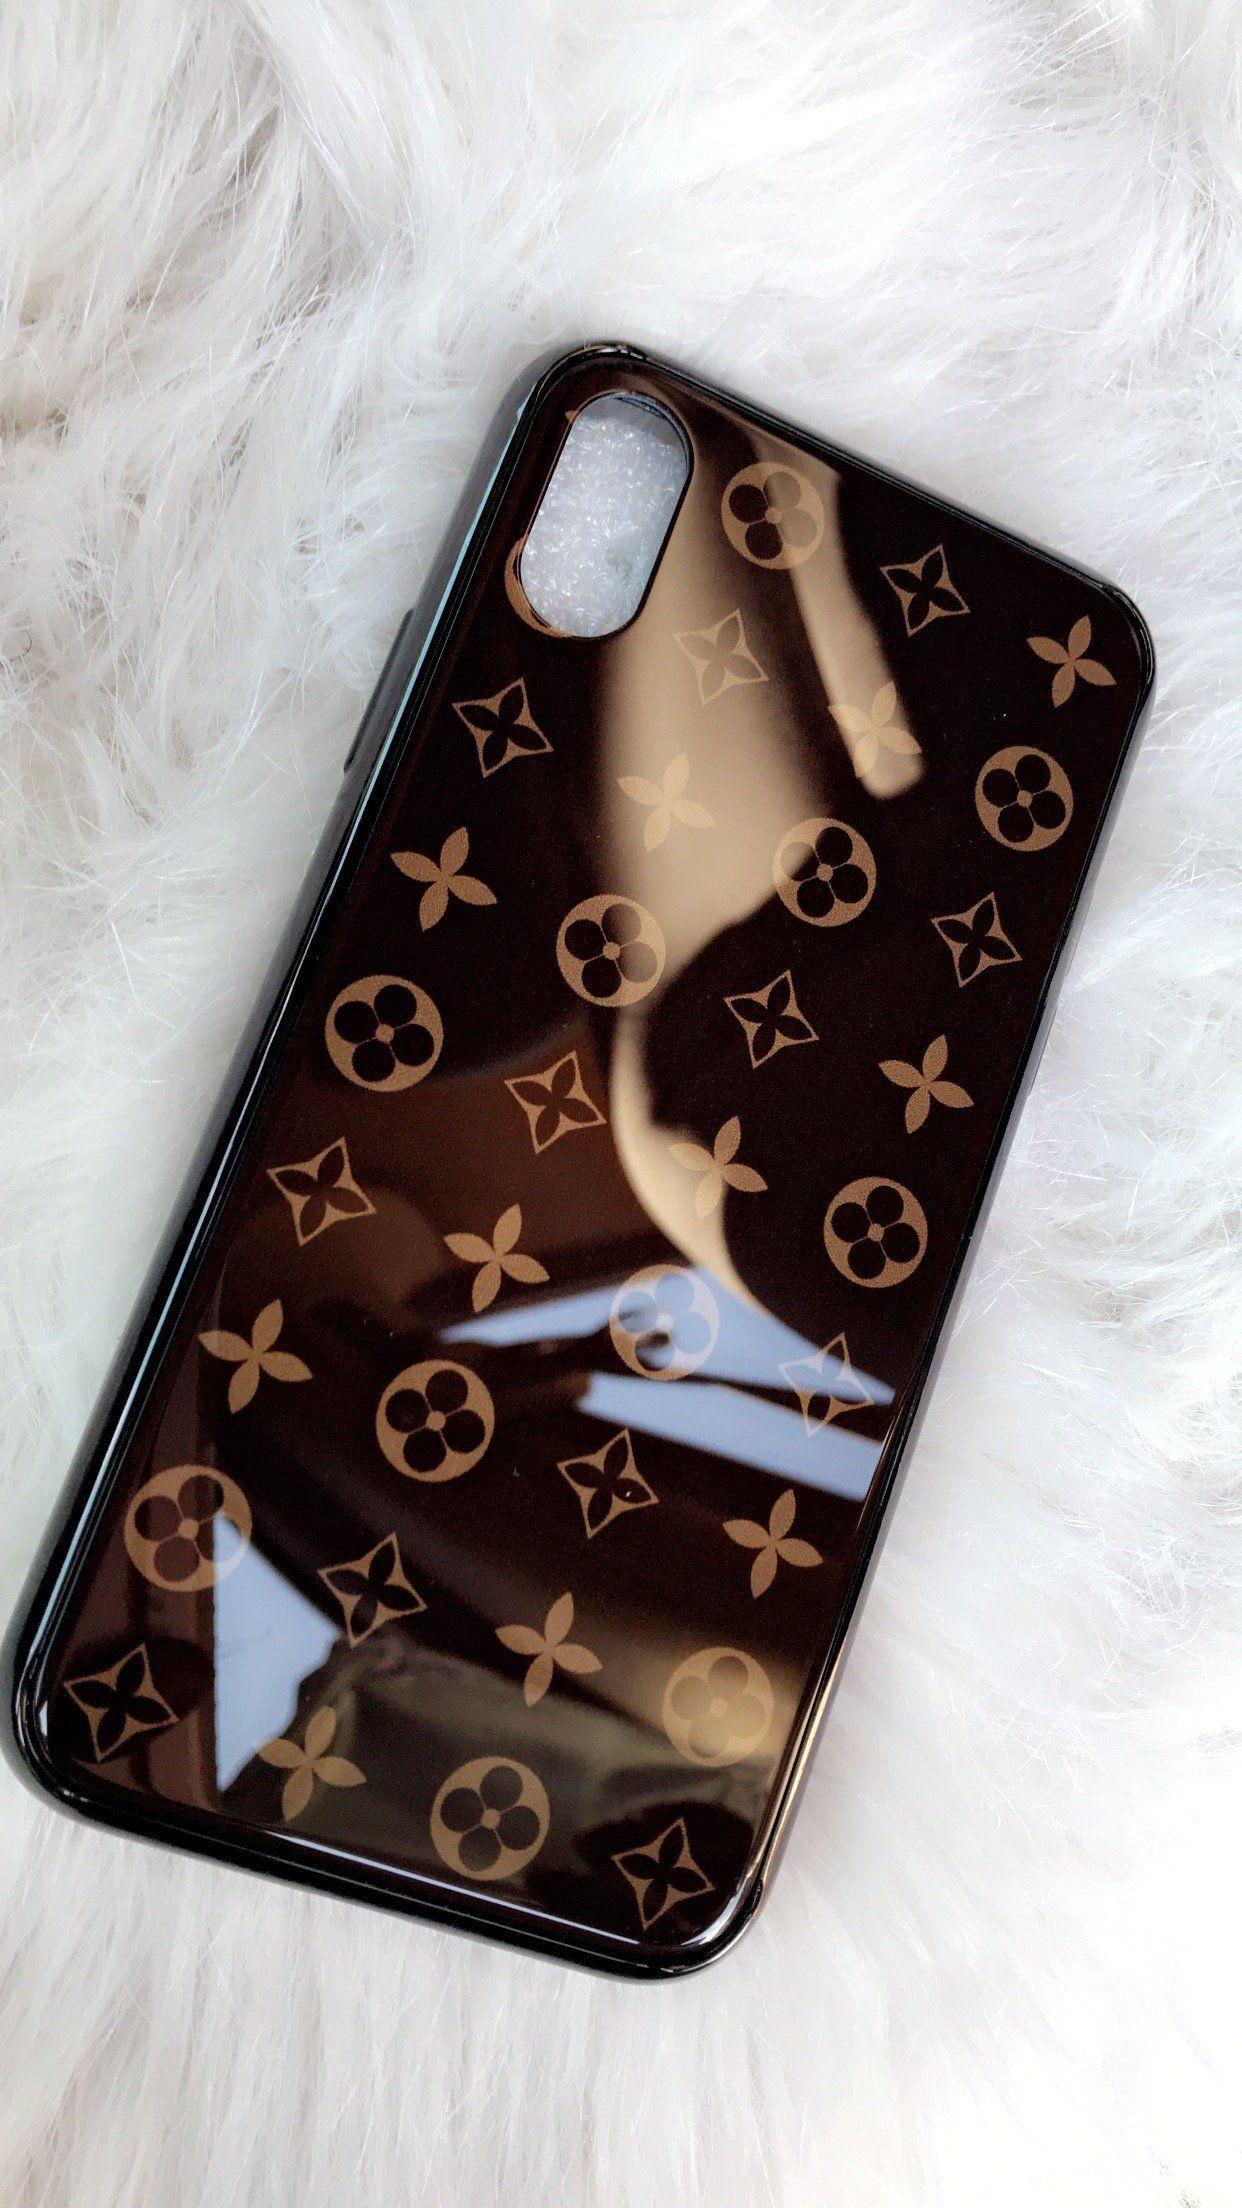 separation shoes 550fb e7462 iPhone X Louis Vuitton case | LVoe❤️❤️ in 2019 | Louis vuitton ...